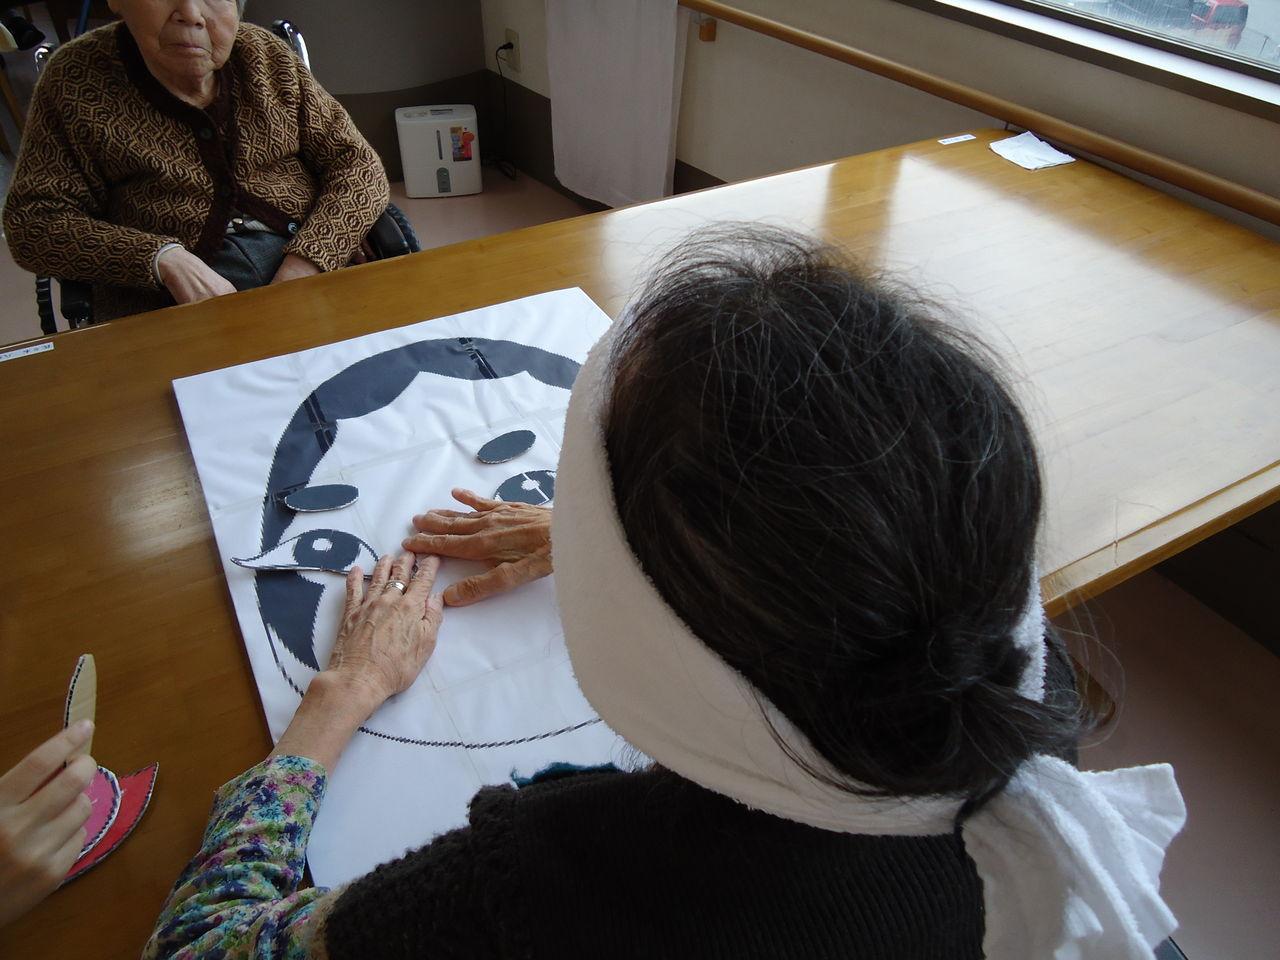 介護老人保健施設「かぐやの里」ブログ                kaguyanosato